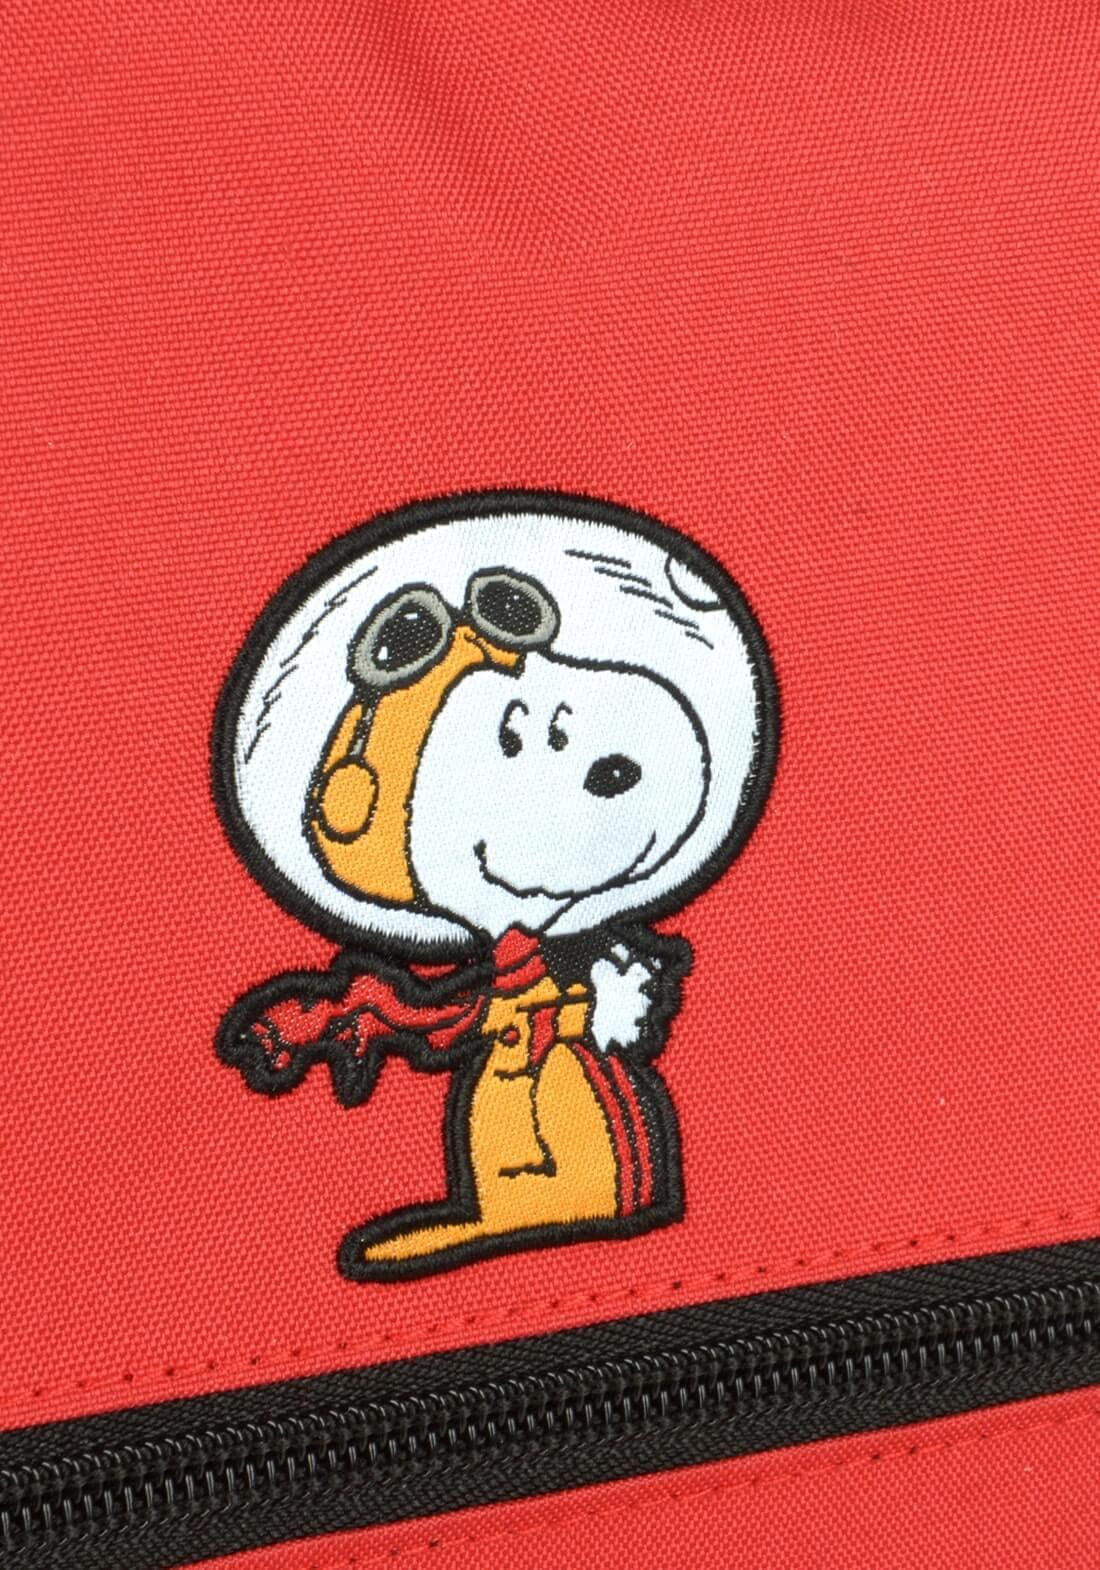 Mochila Peanuts Snoopy Notebook Vermelha Original Garantia